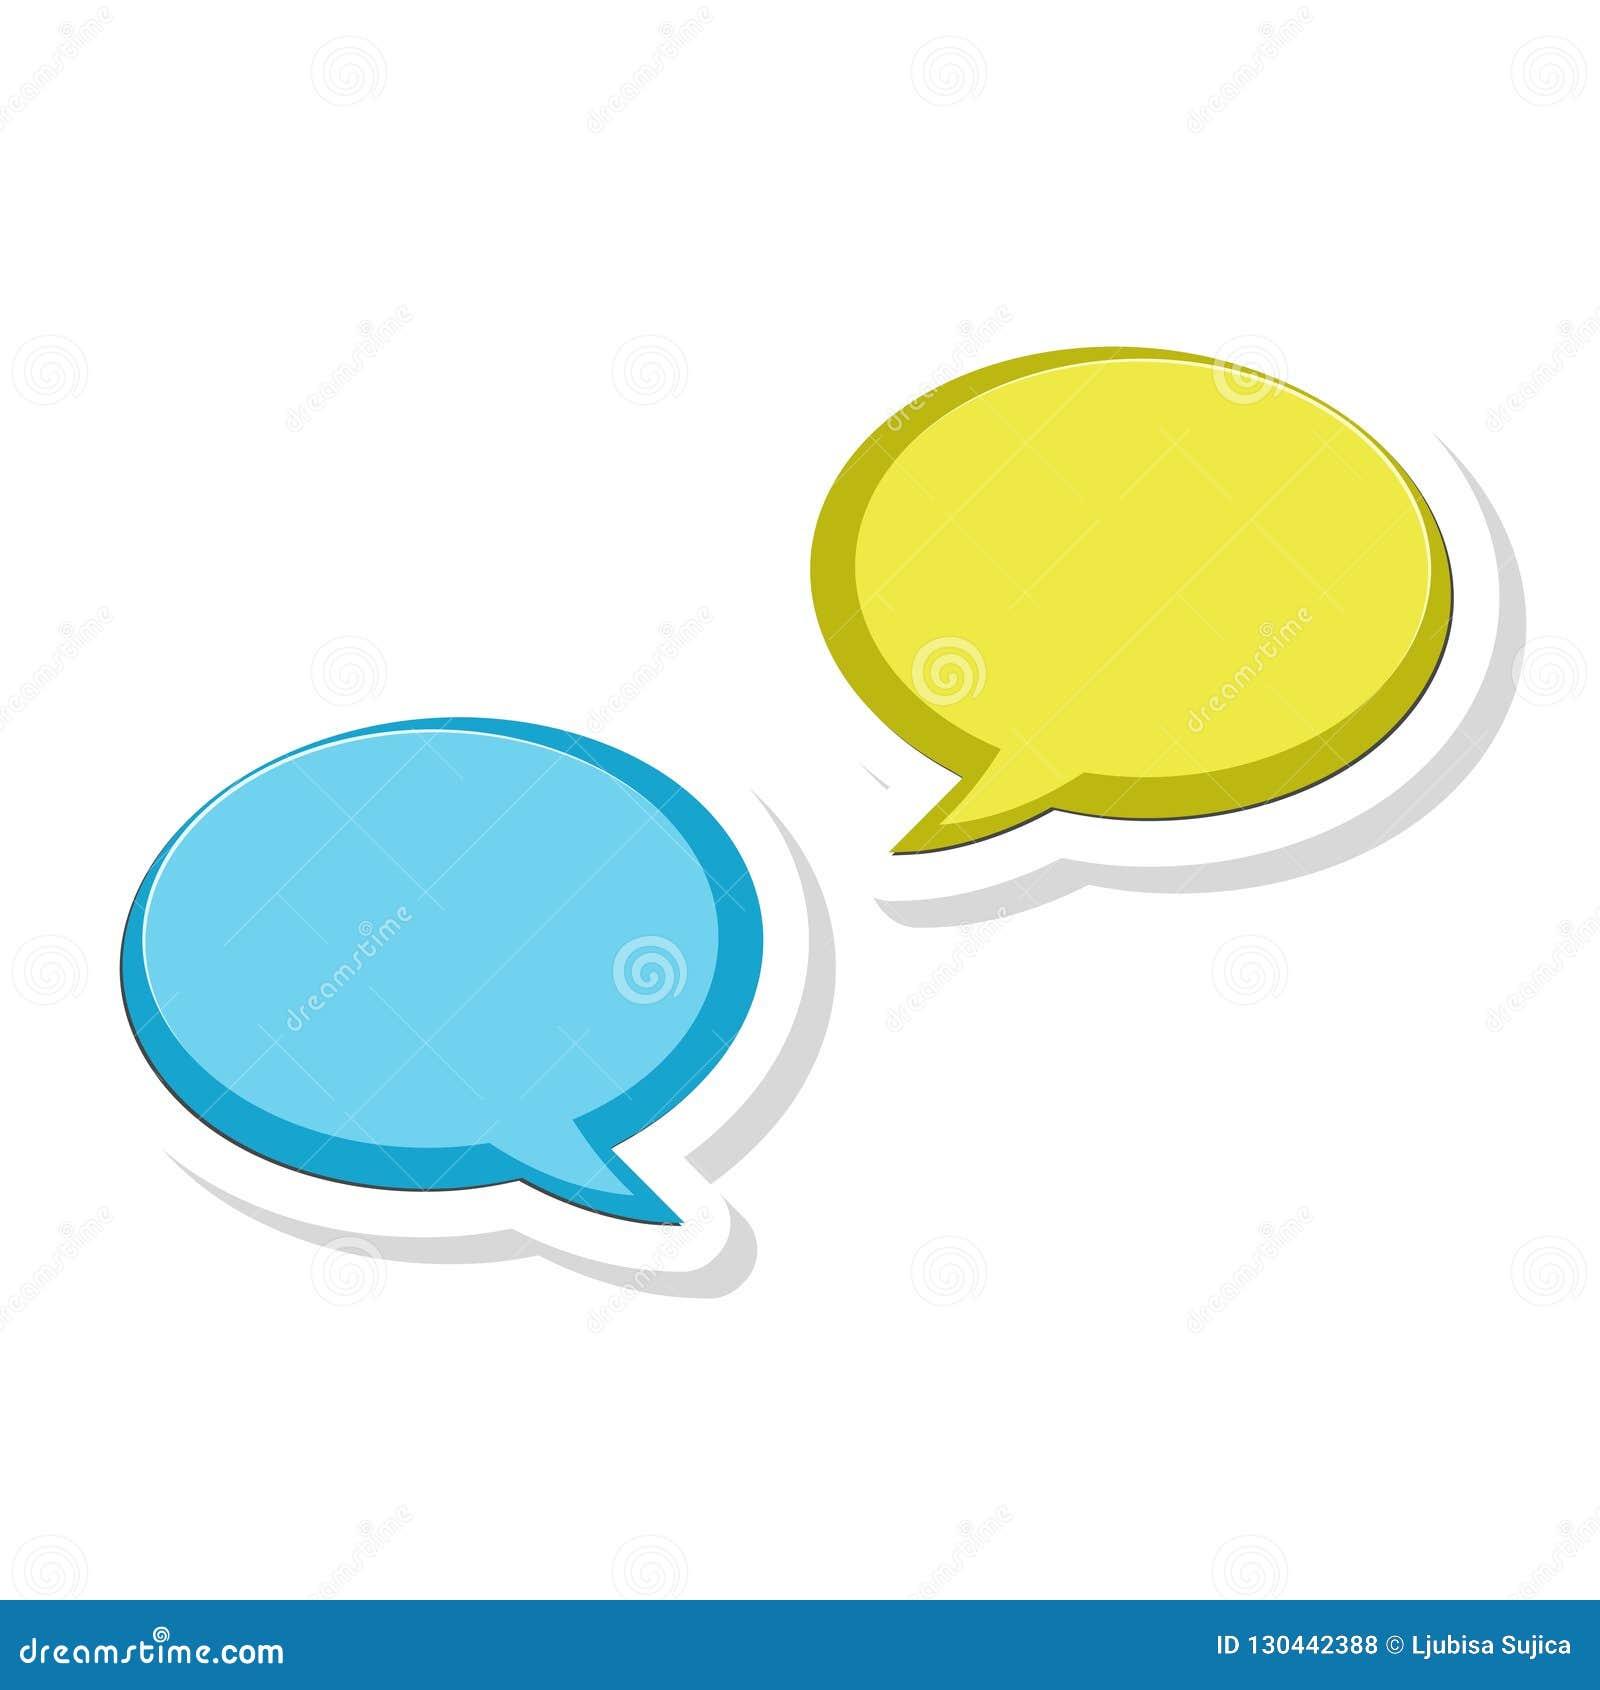 Bolhas etiqueta da mensagem, ícone do bate-papo, ícone do diálogo